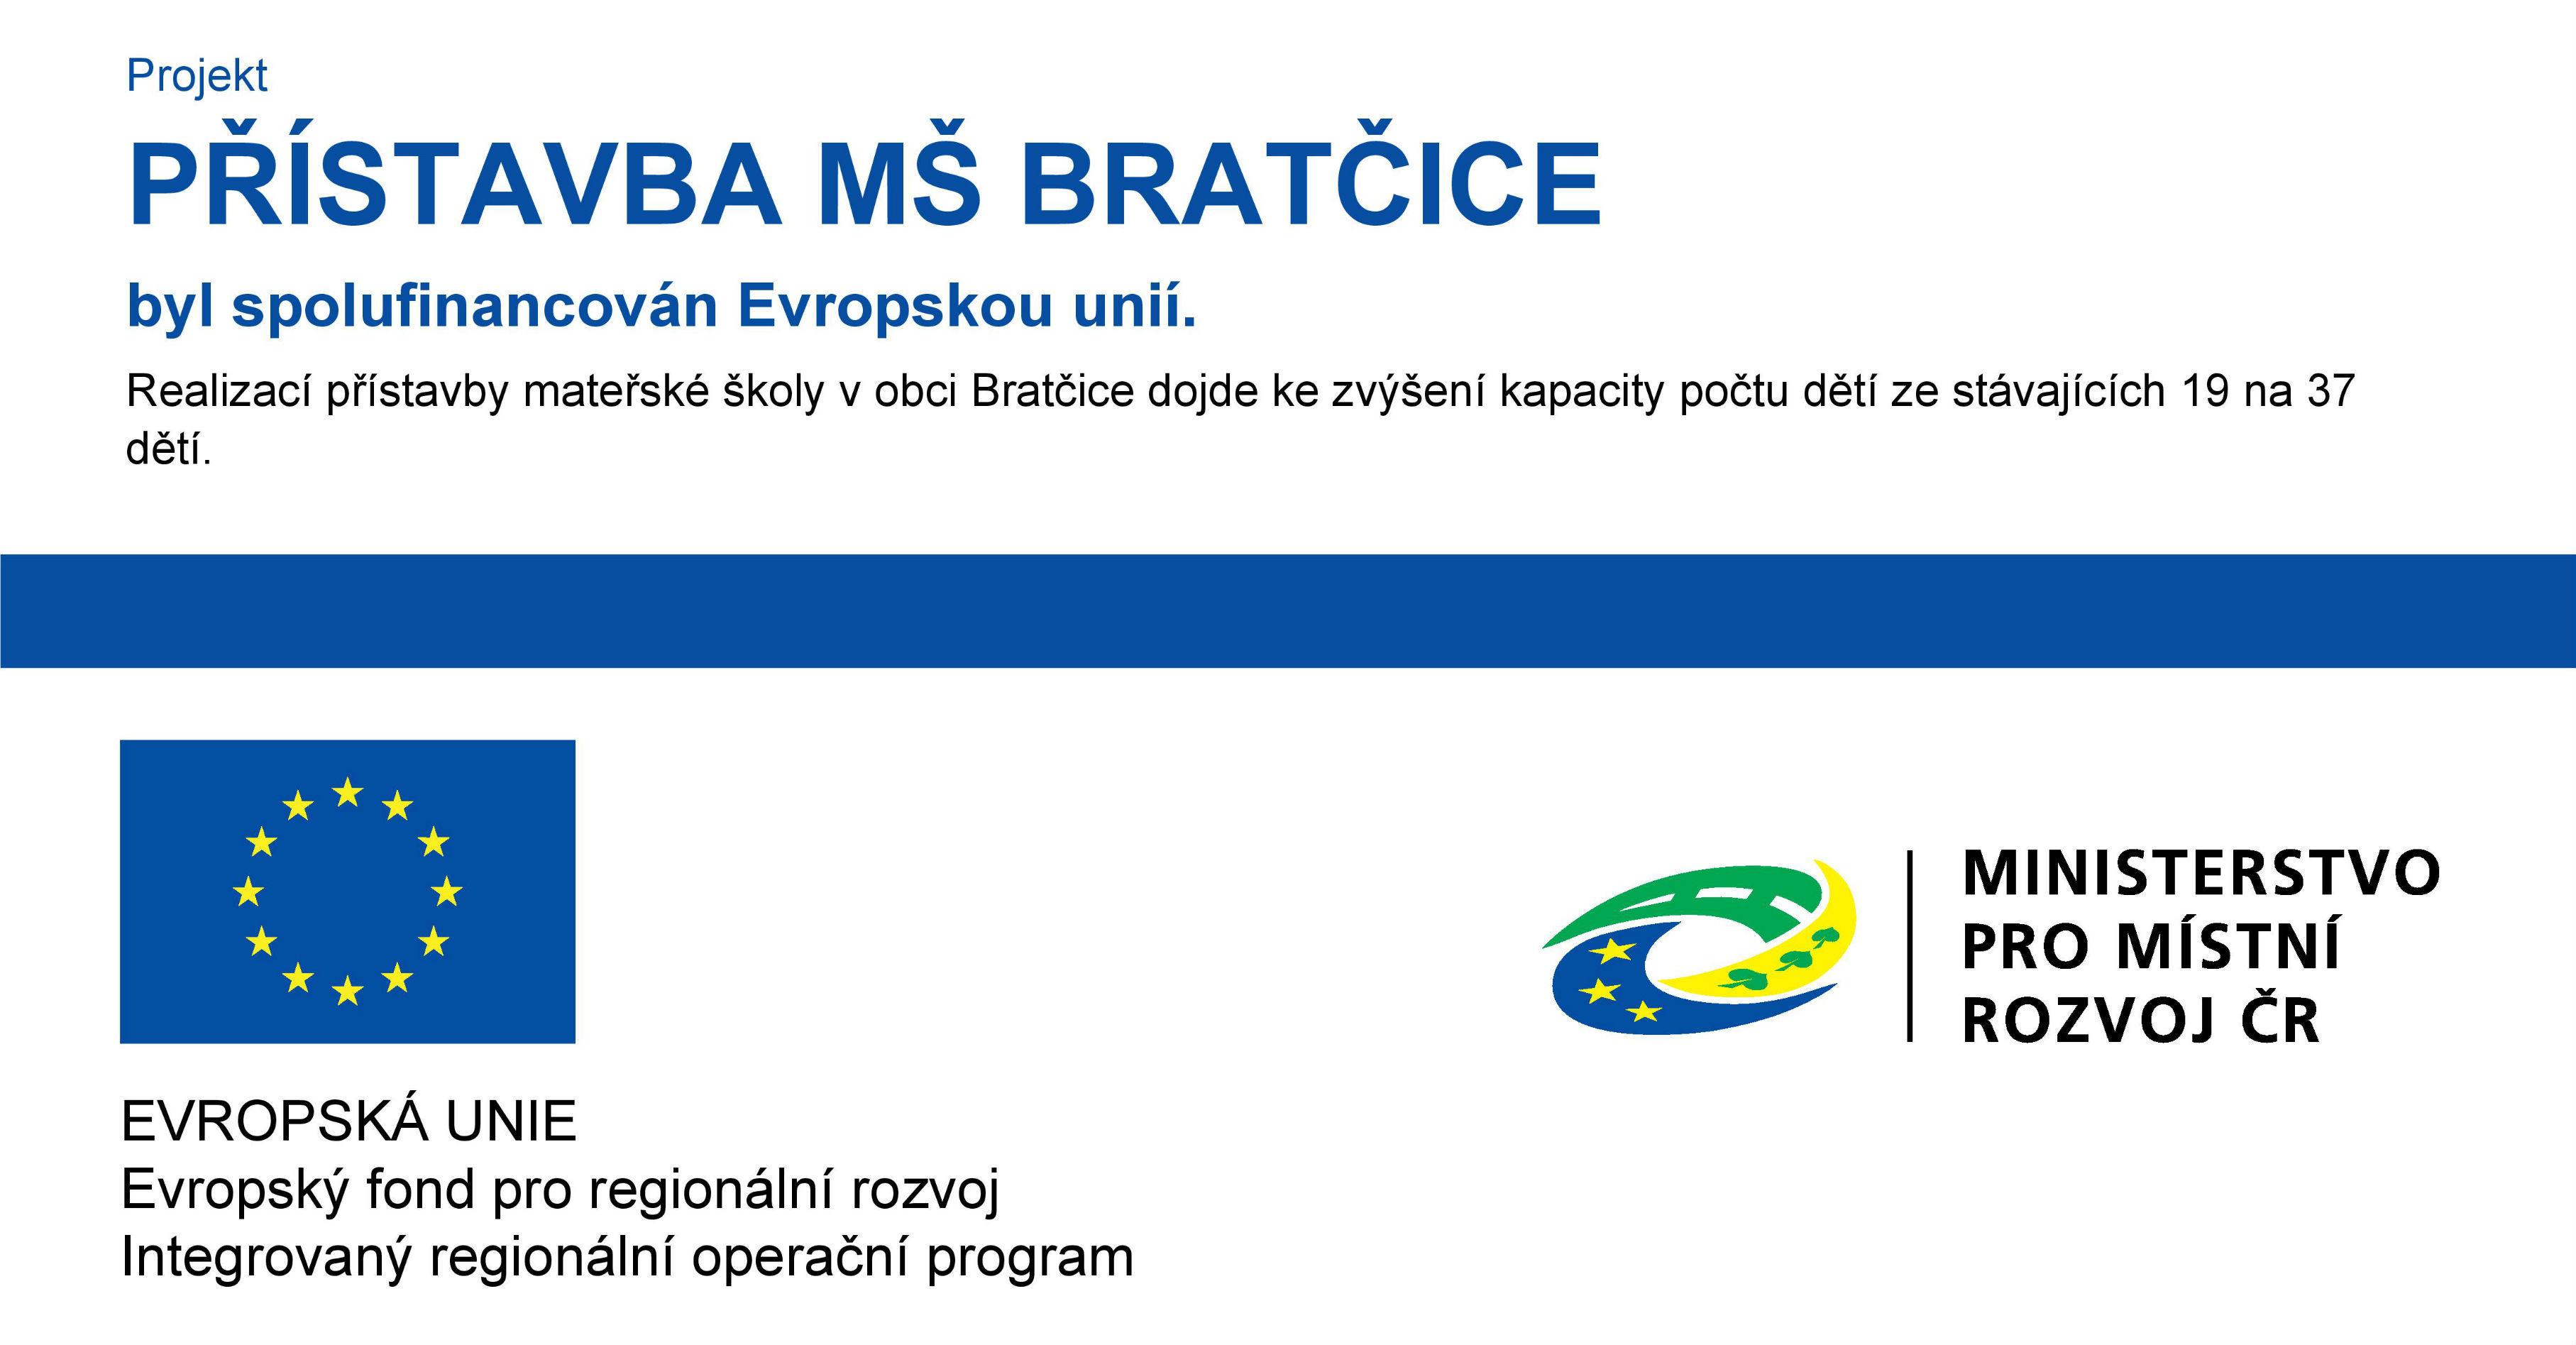 INTEGROVANÝ REGIONÁLNÍ OPERAČNÍ PROGRAM ČR  (IROP)